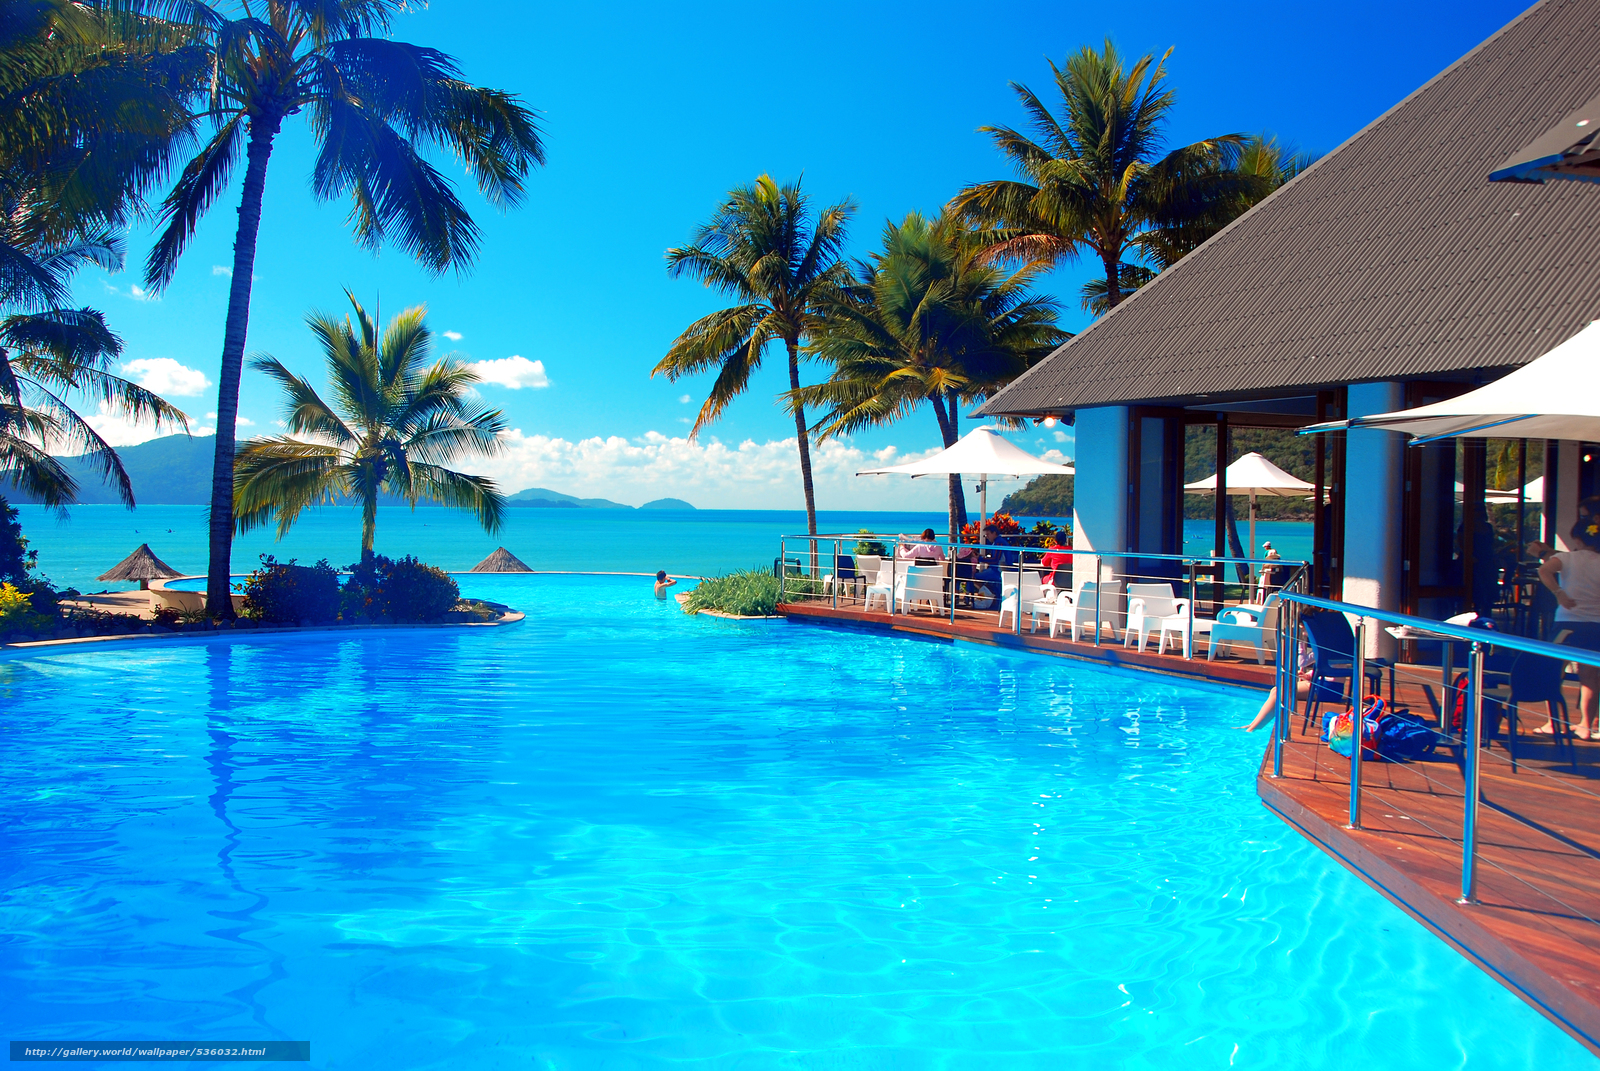 Tlcharger fond d 39 ecran mer piscine luxe fonds d 39 ecran for Piscine luxe